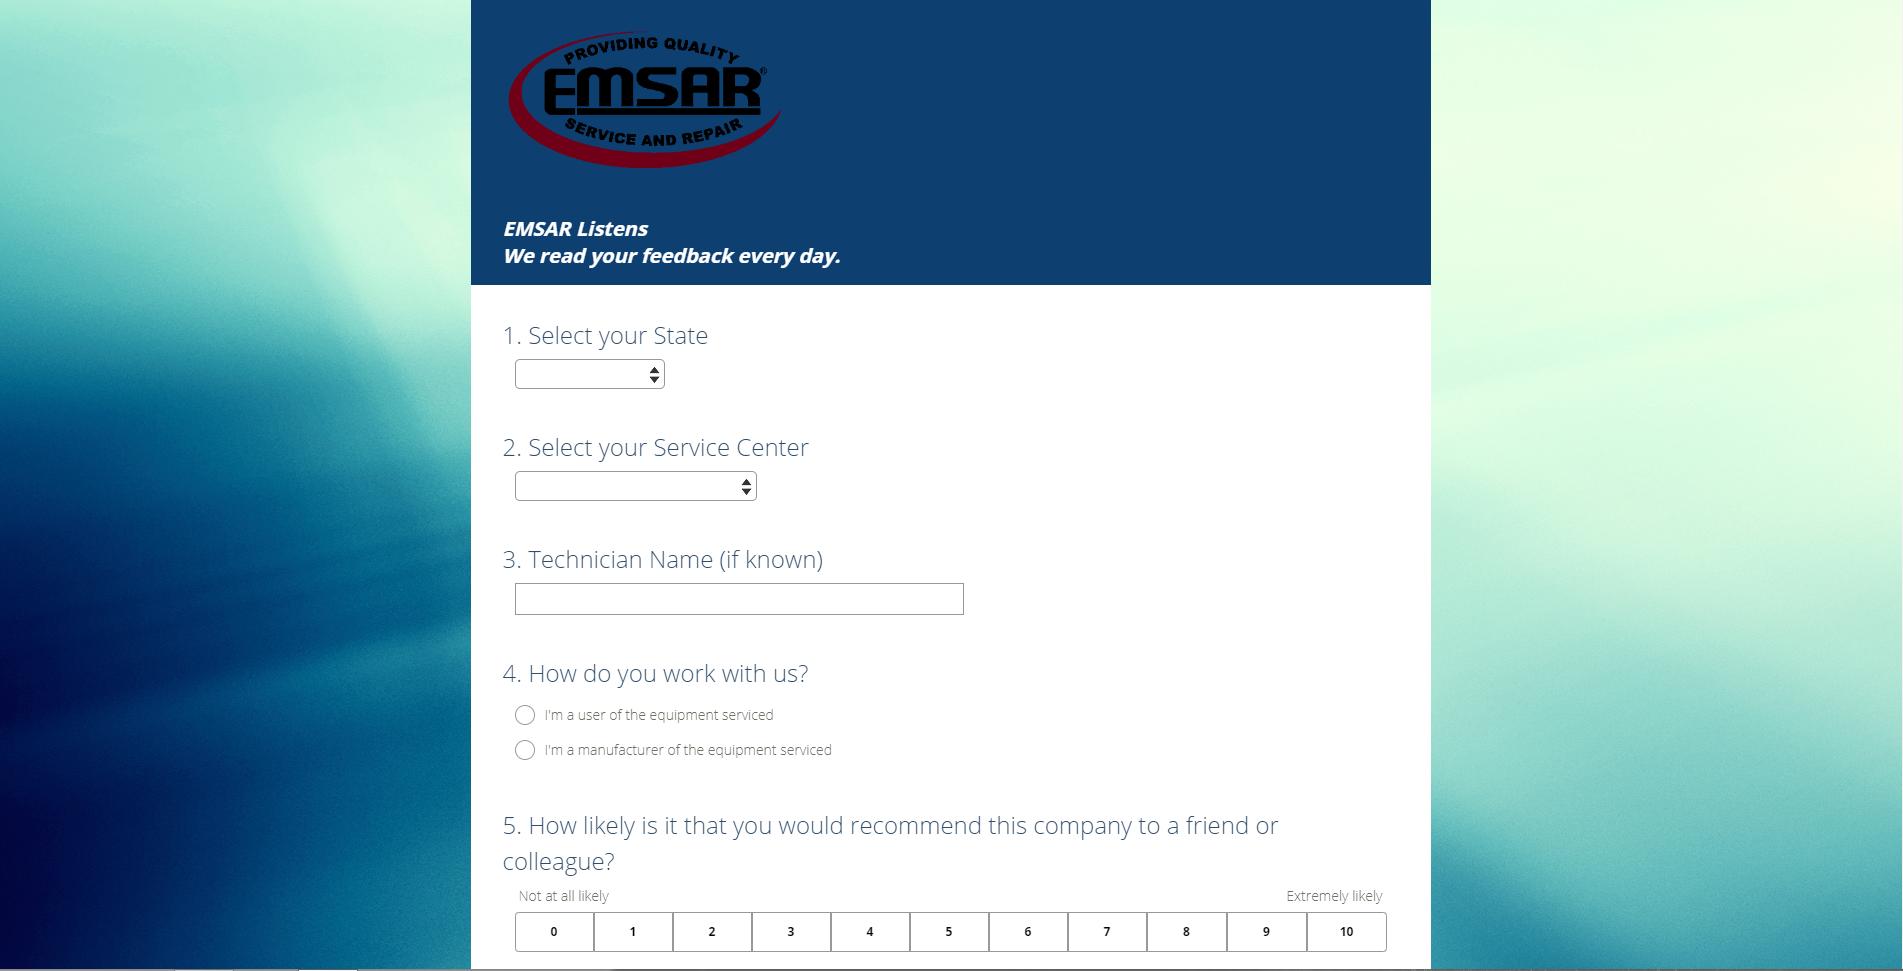 survey.emsarlistens.com